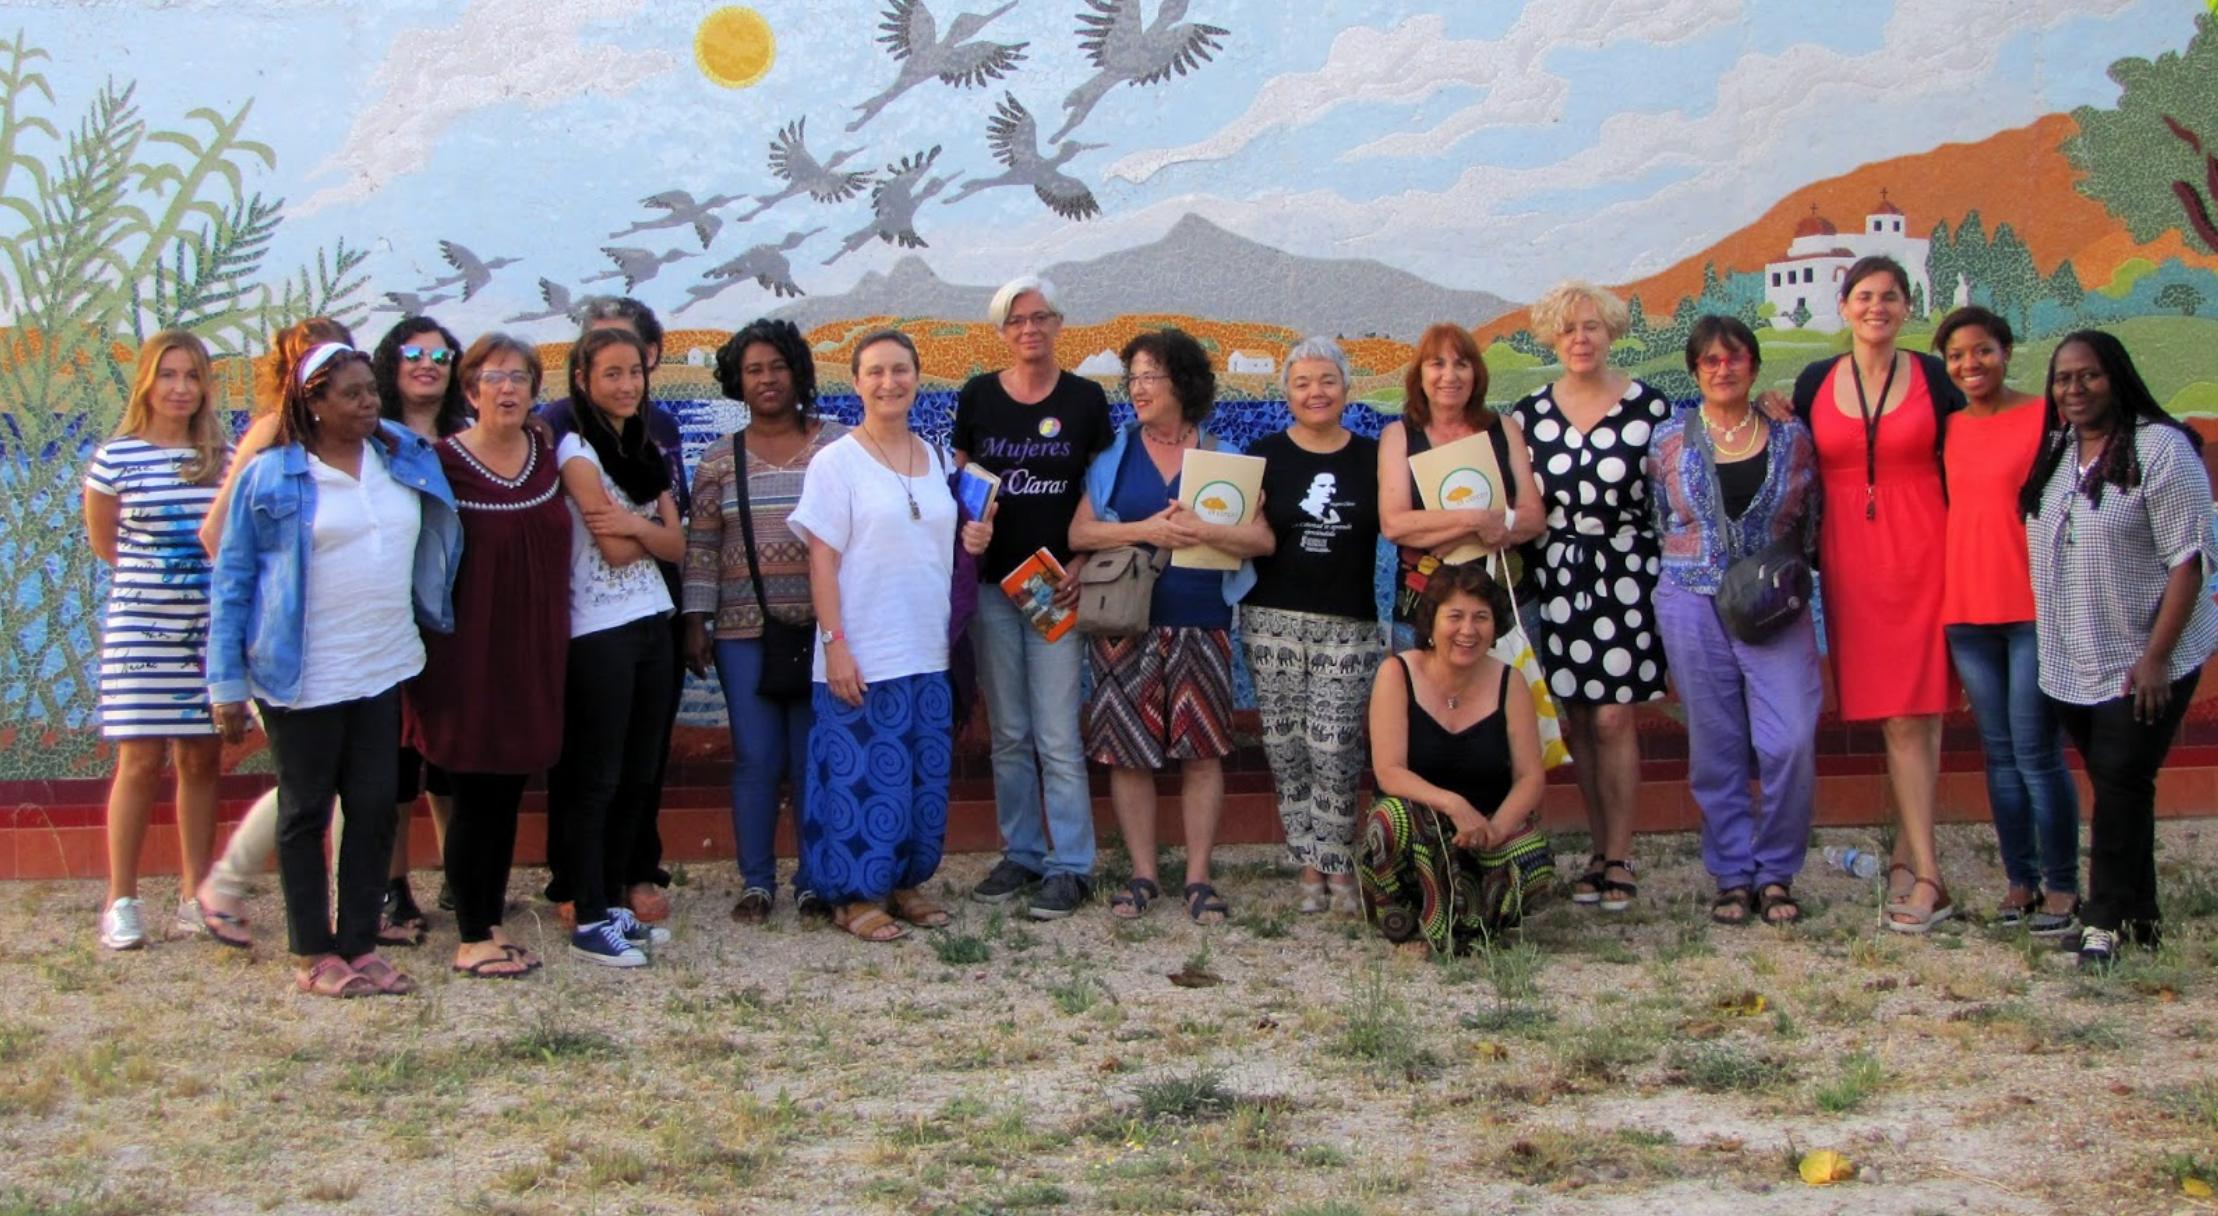 Aparece un grupo de personas delante de un mural con un paisaje